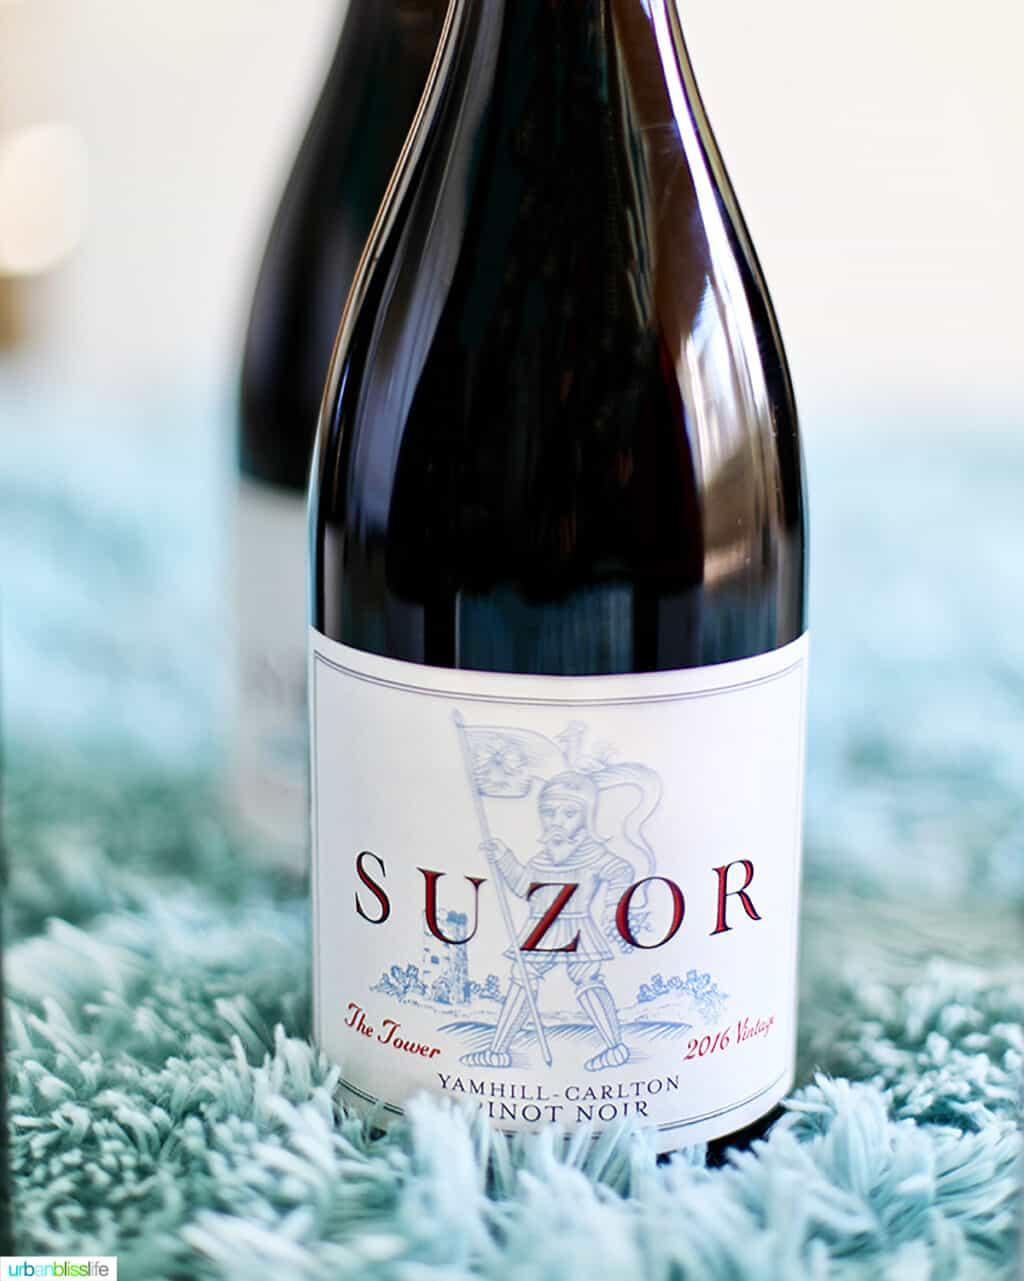 bottle of Suzor Oregon Pinot Noir on fluffy blue blanket